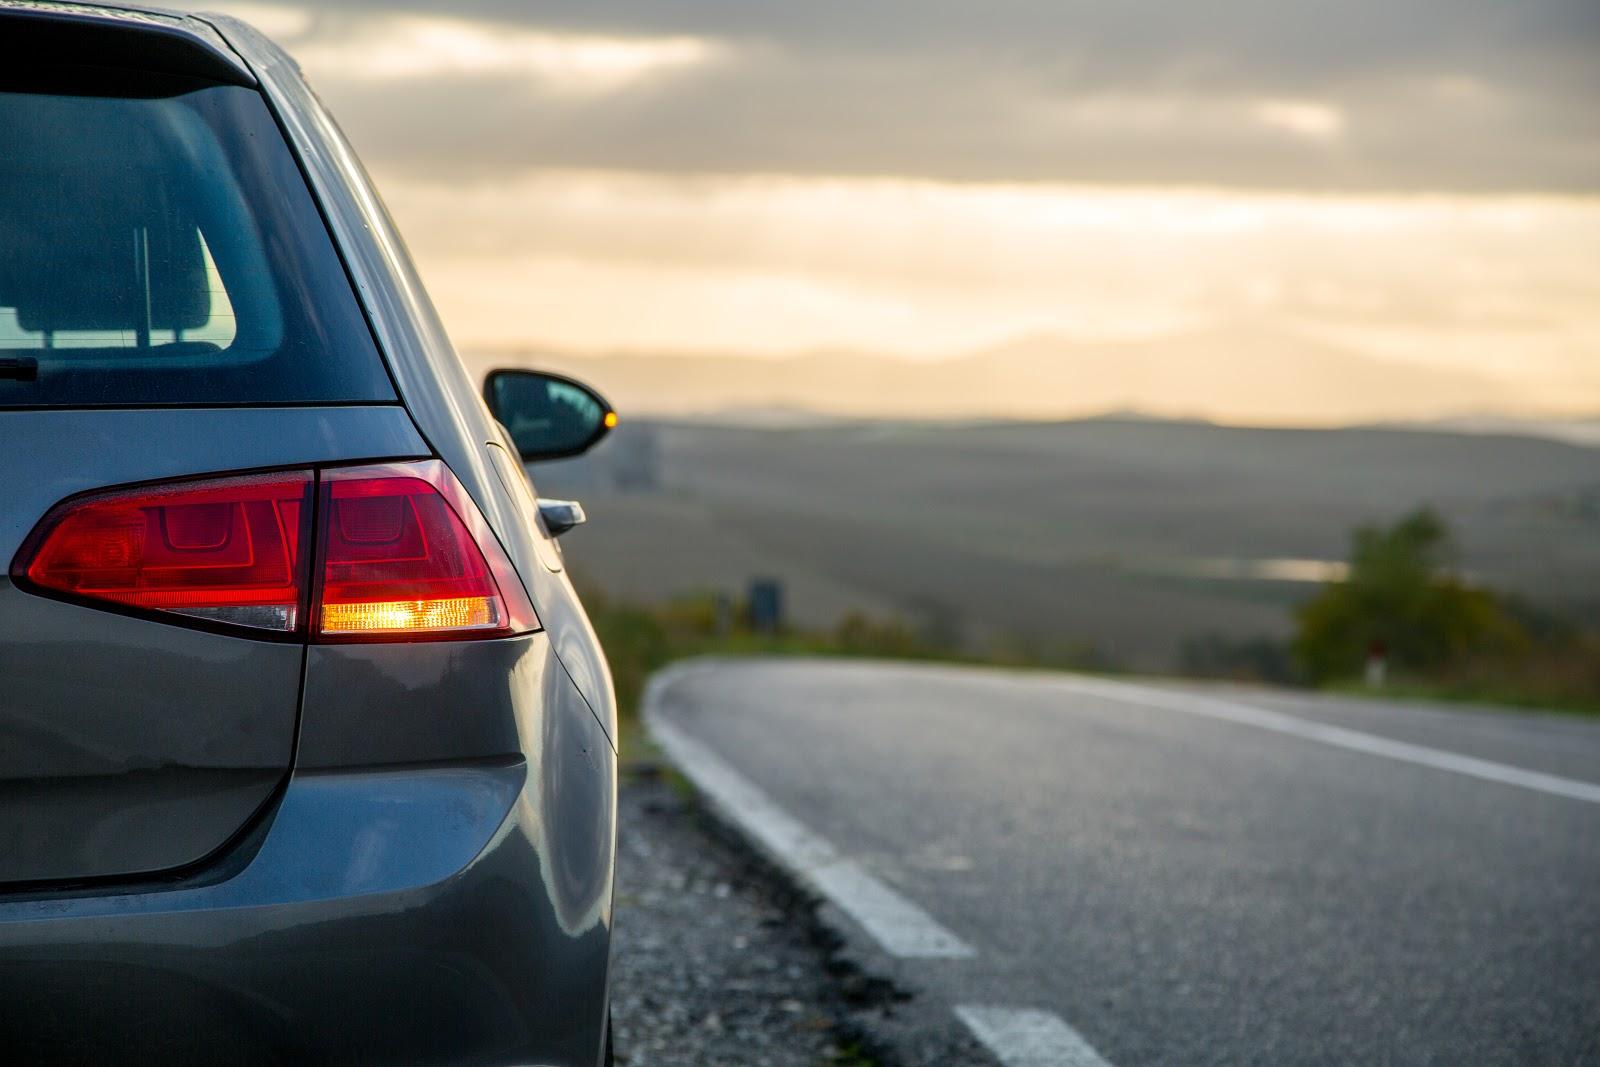 seguro de frota de automóveis